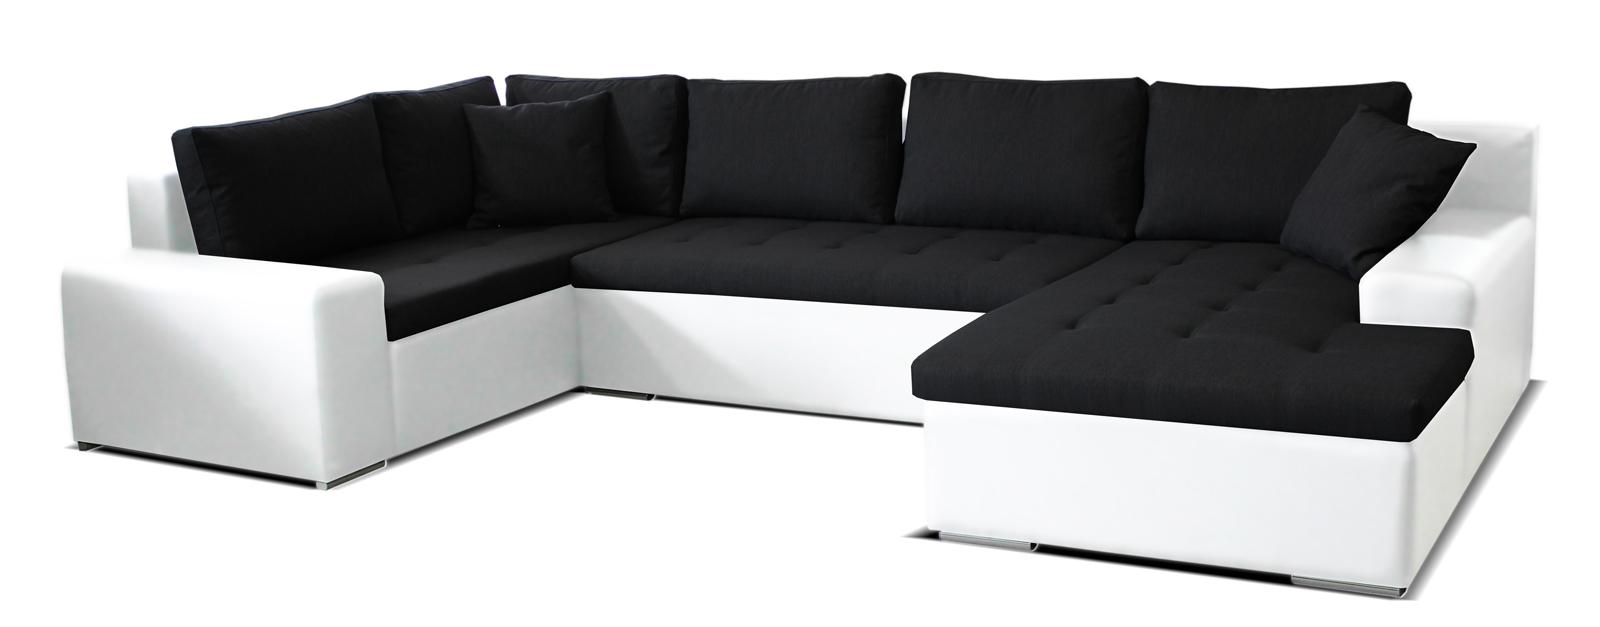 Rohová sedací souprava U - Po-Sed - Moreno BL+2+L (černá + bílá) (P)